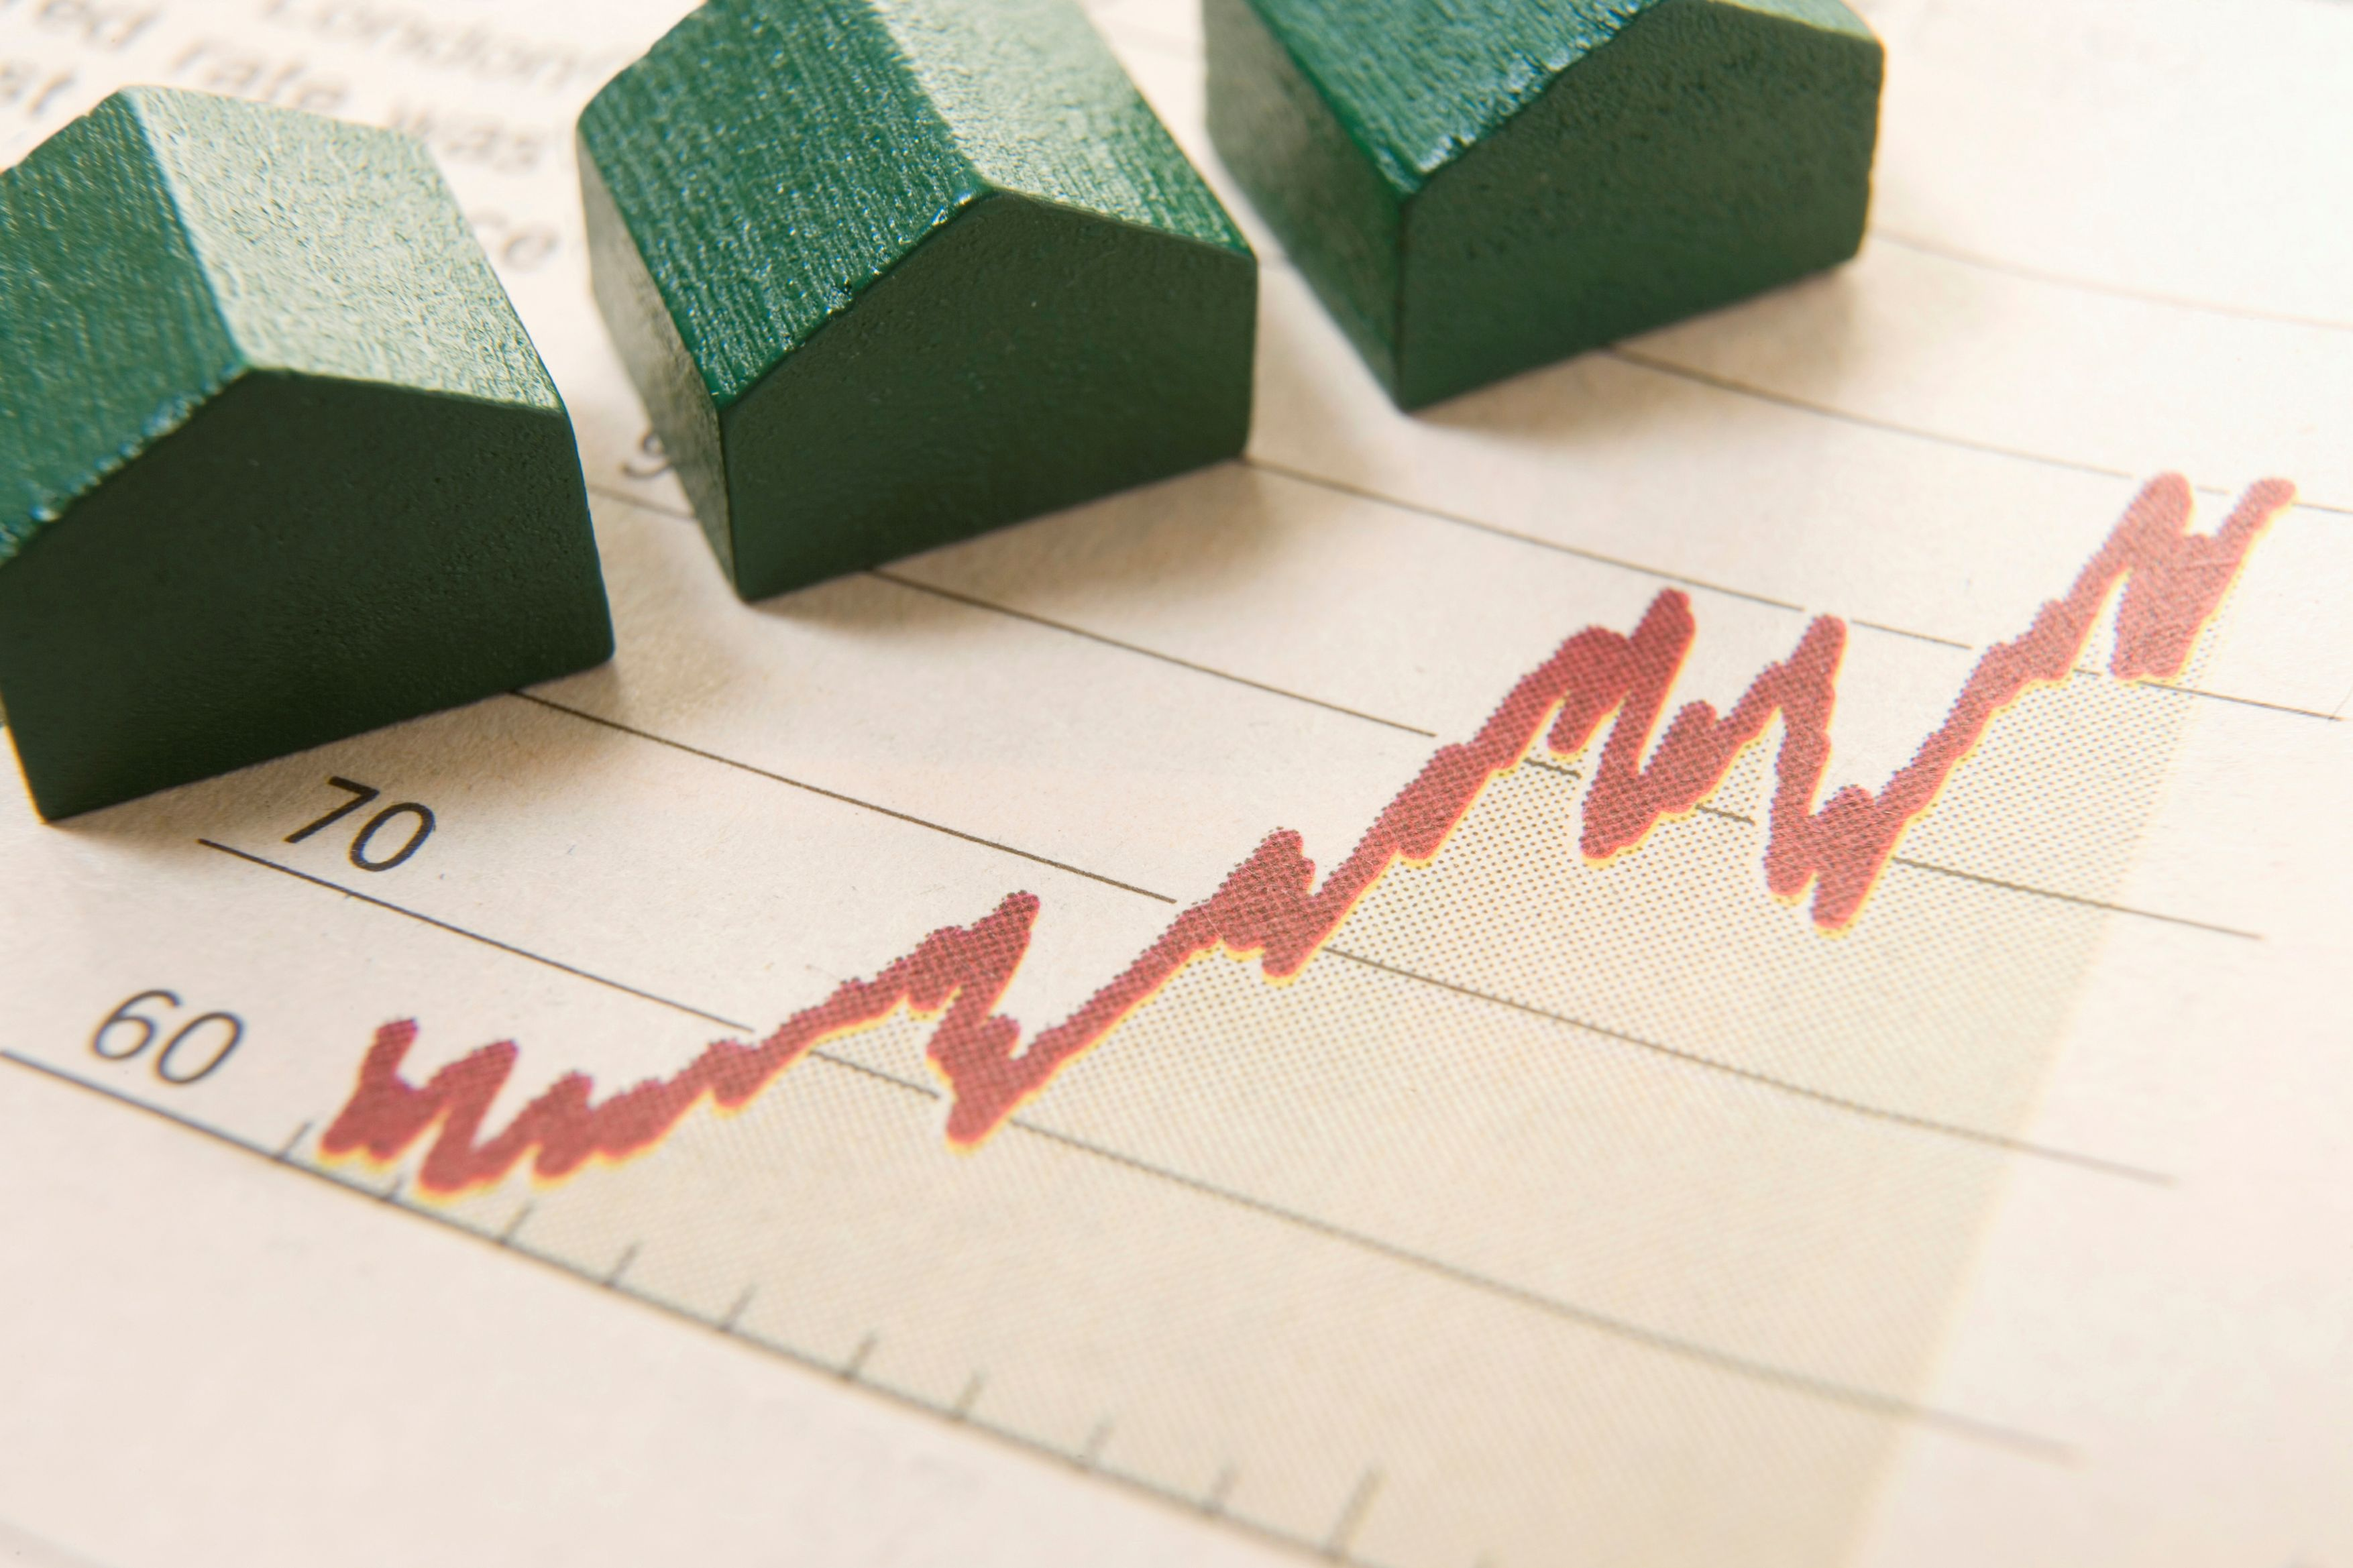 《公司法》修订通过:新规中股份回购到底是如何规定的?与之前有何变化?